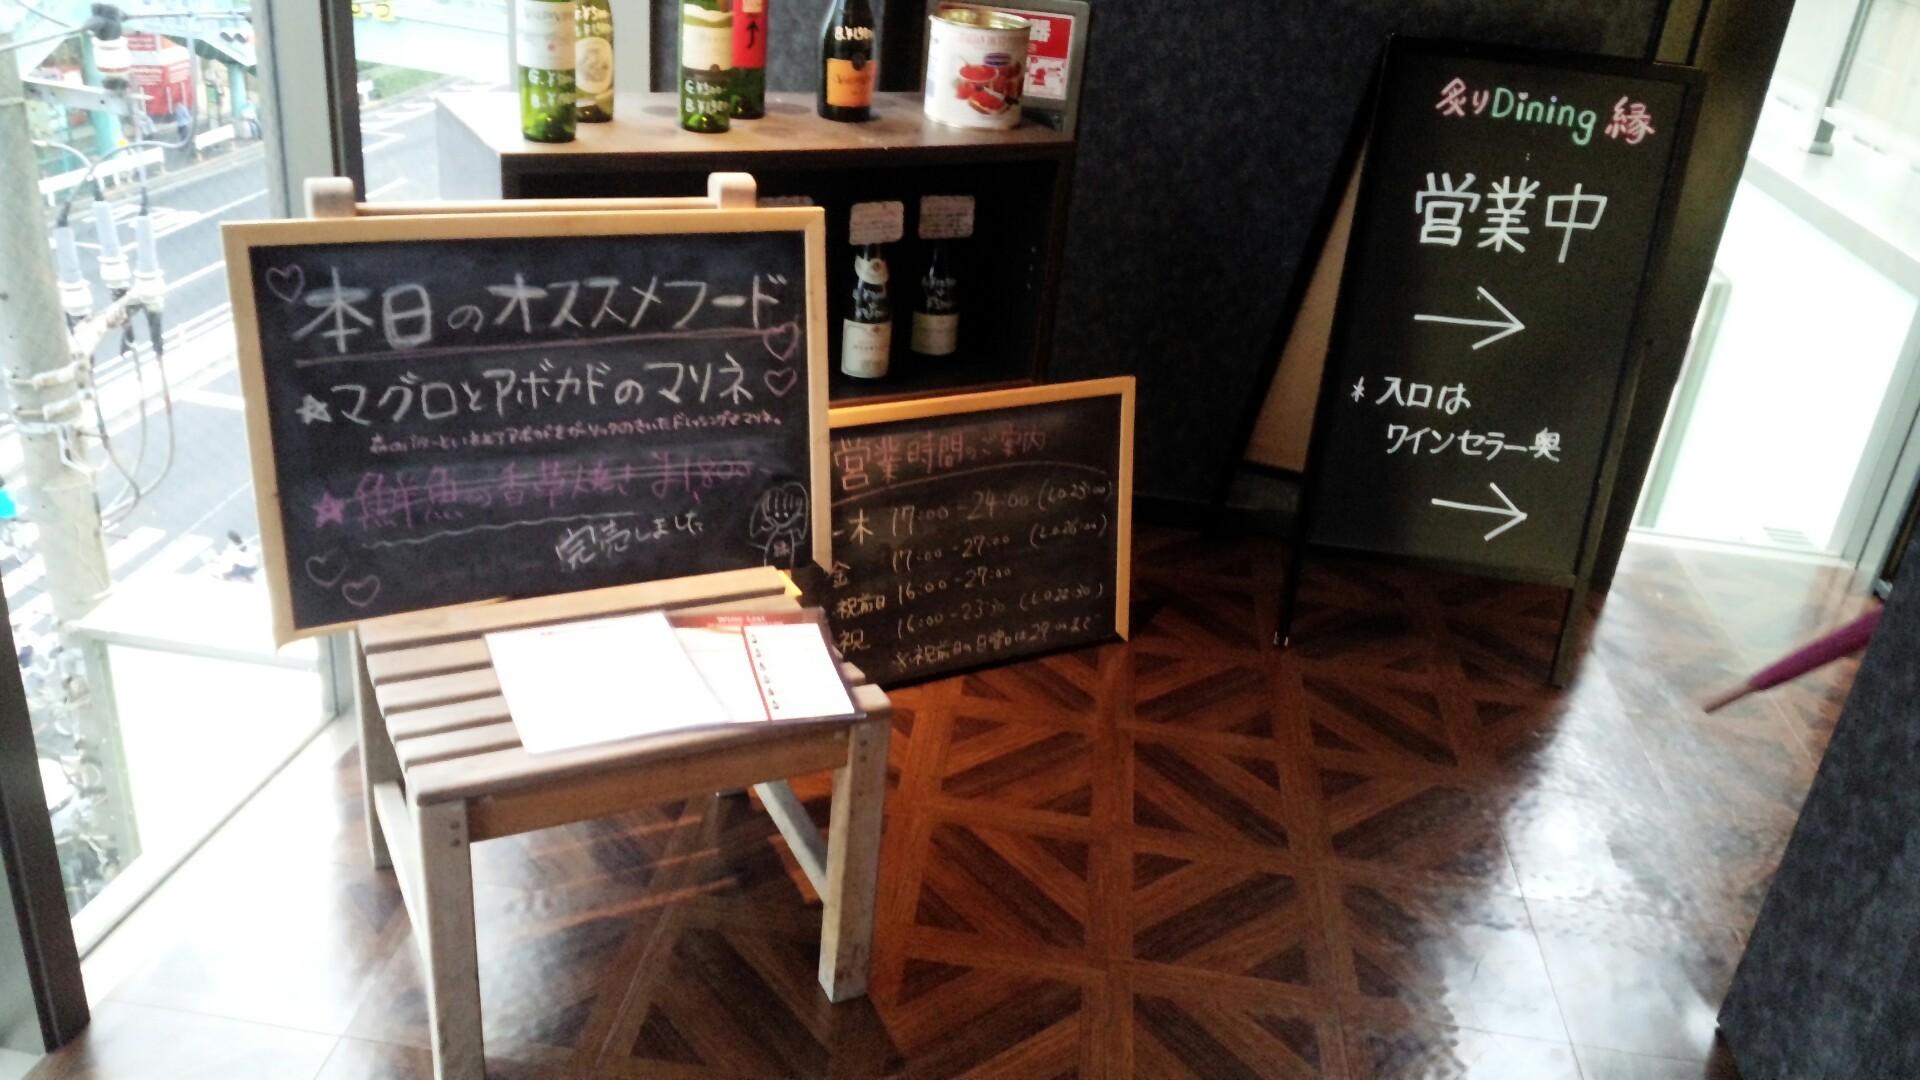 炙りDining縁 三ノ輪店